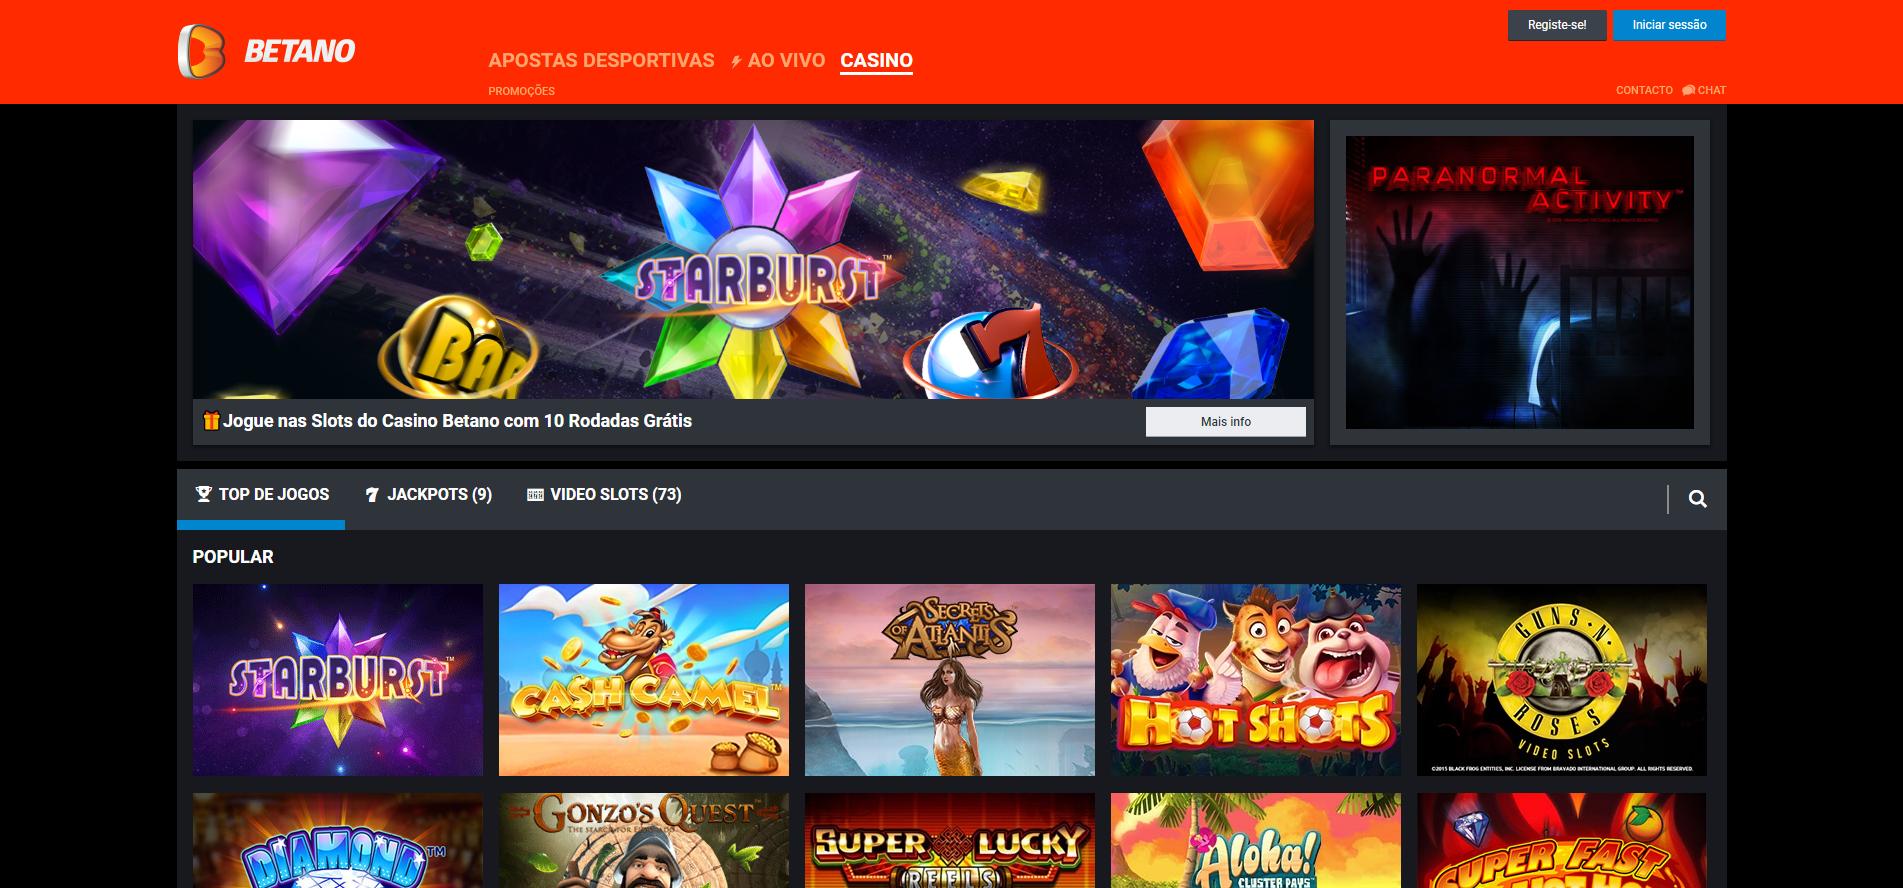 Betano casino o site de entretenimento